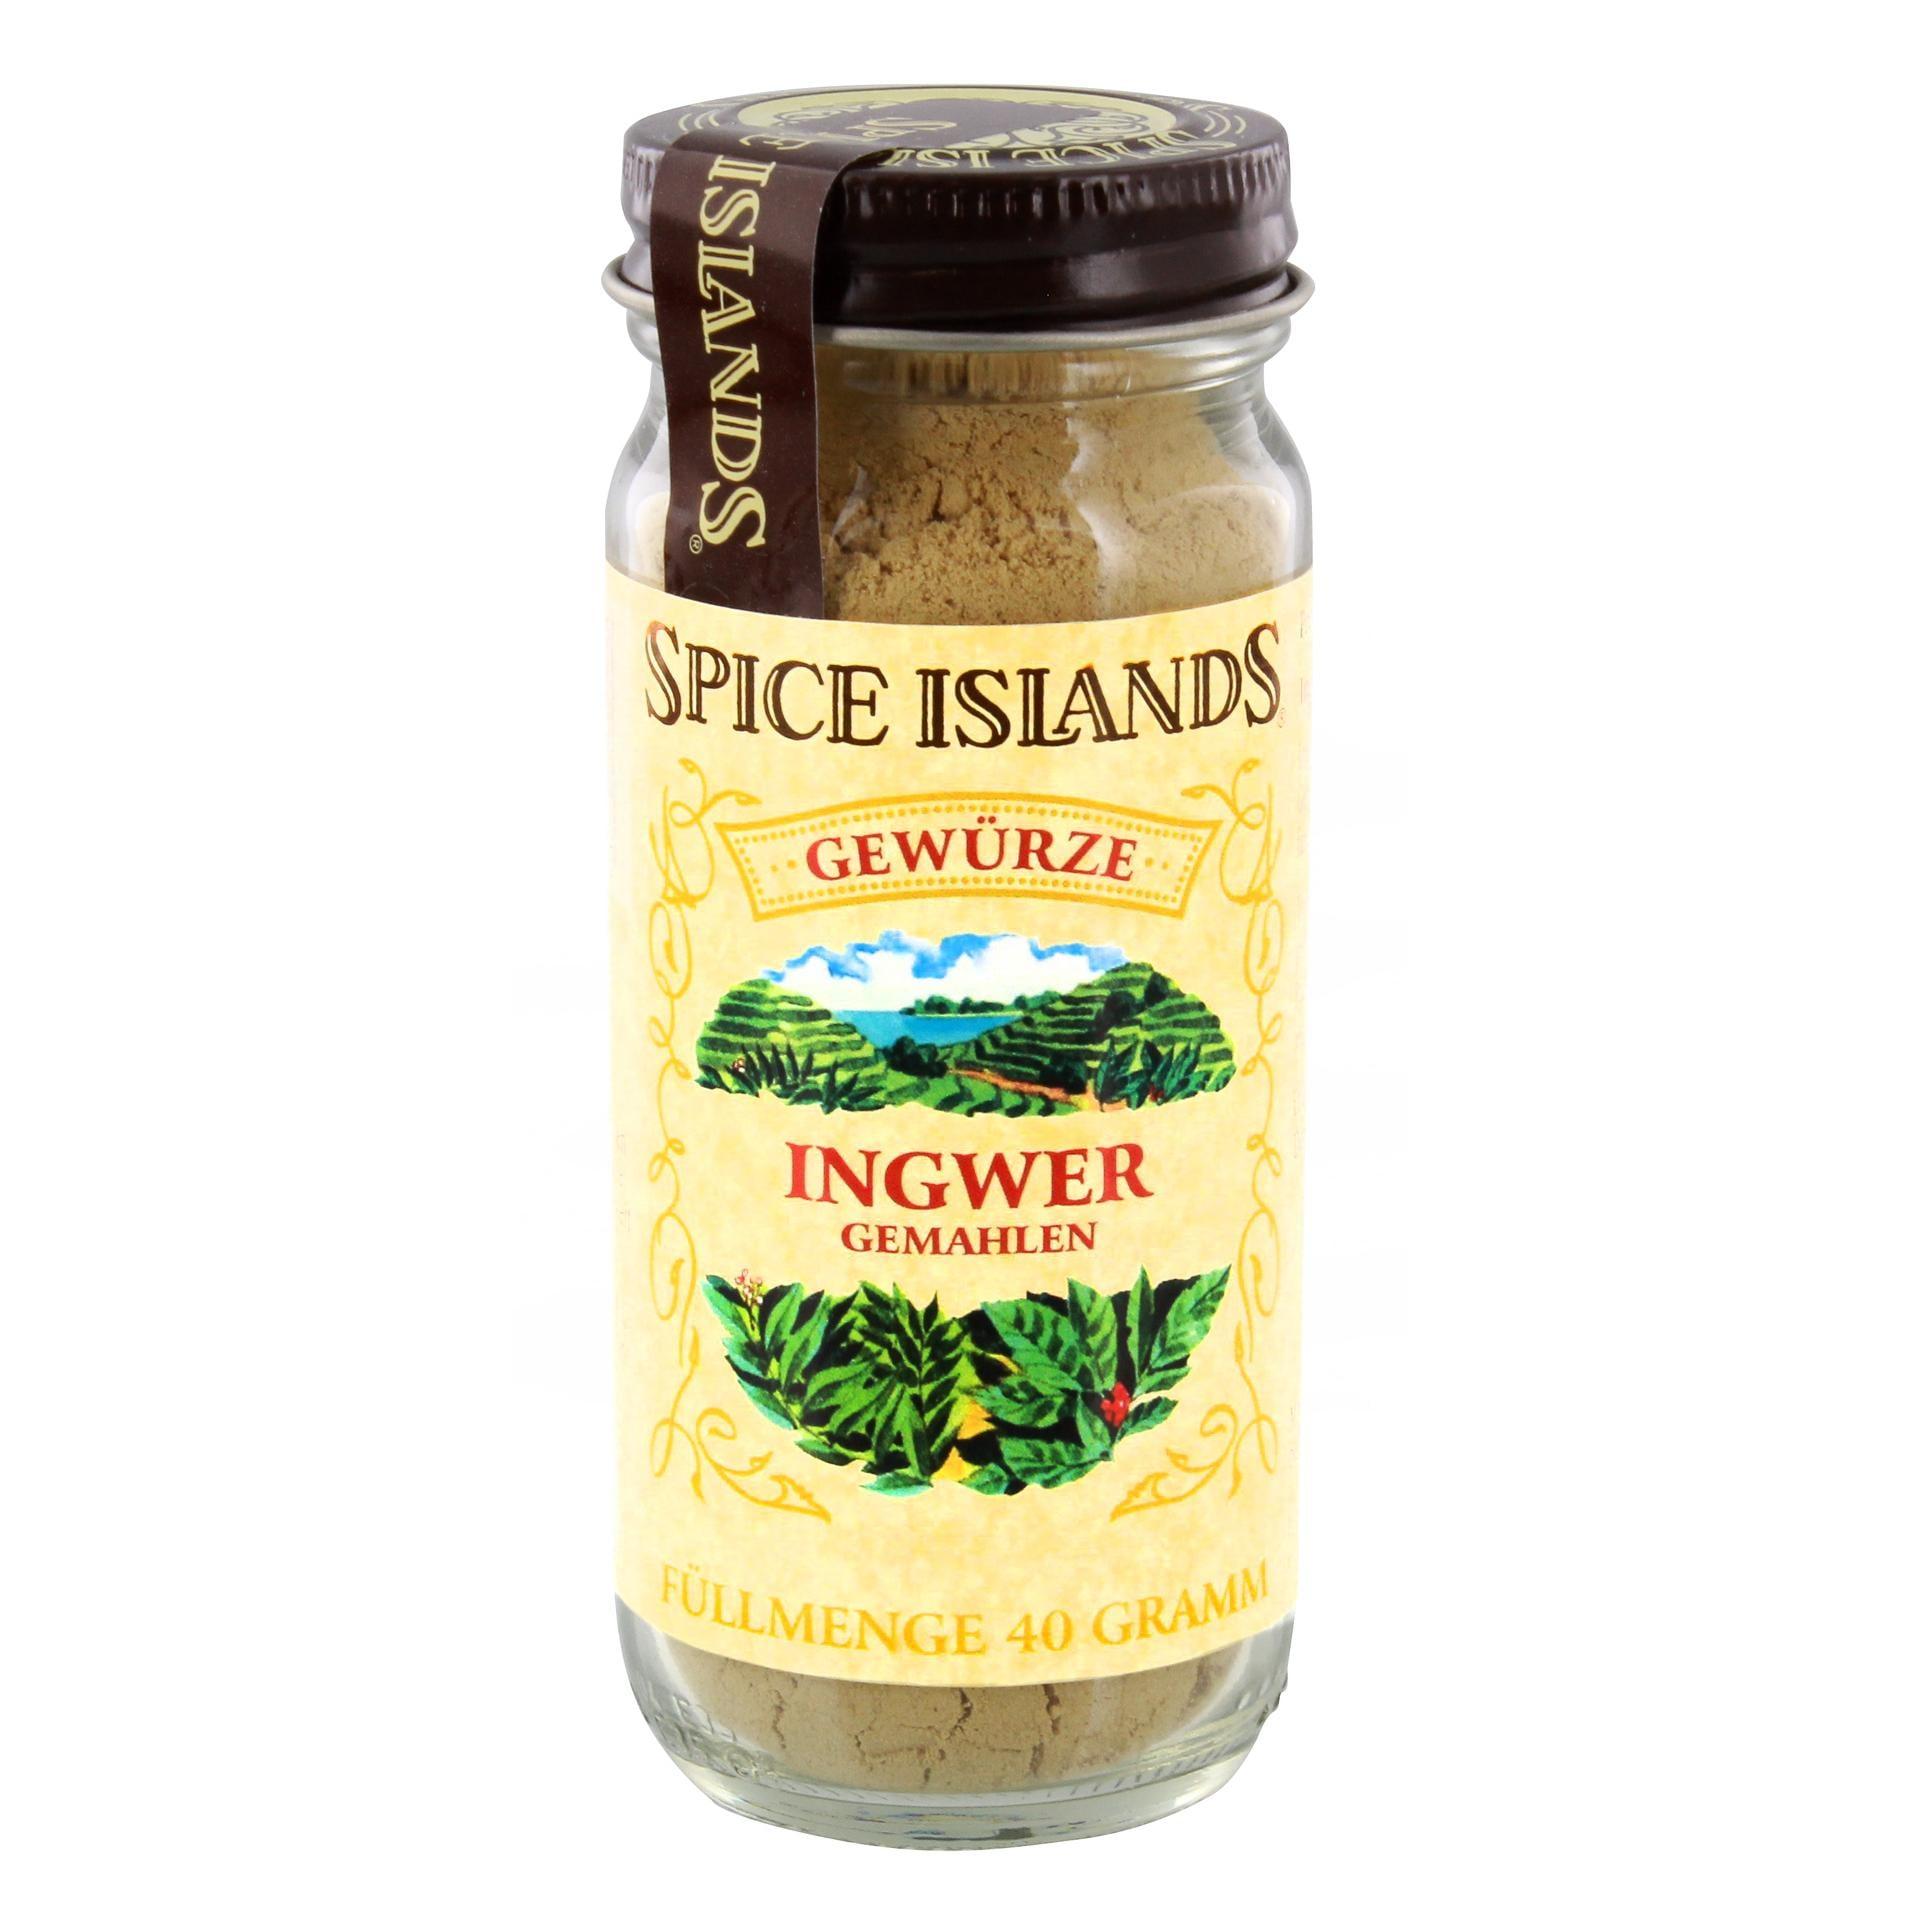 Spice Islands - Ingwer gemahlen - 40g